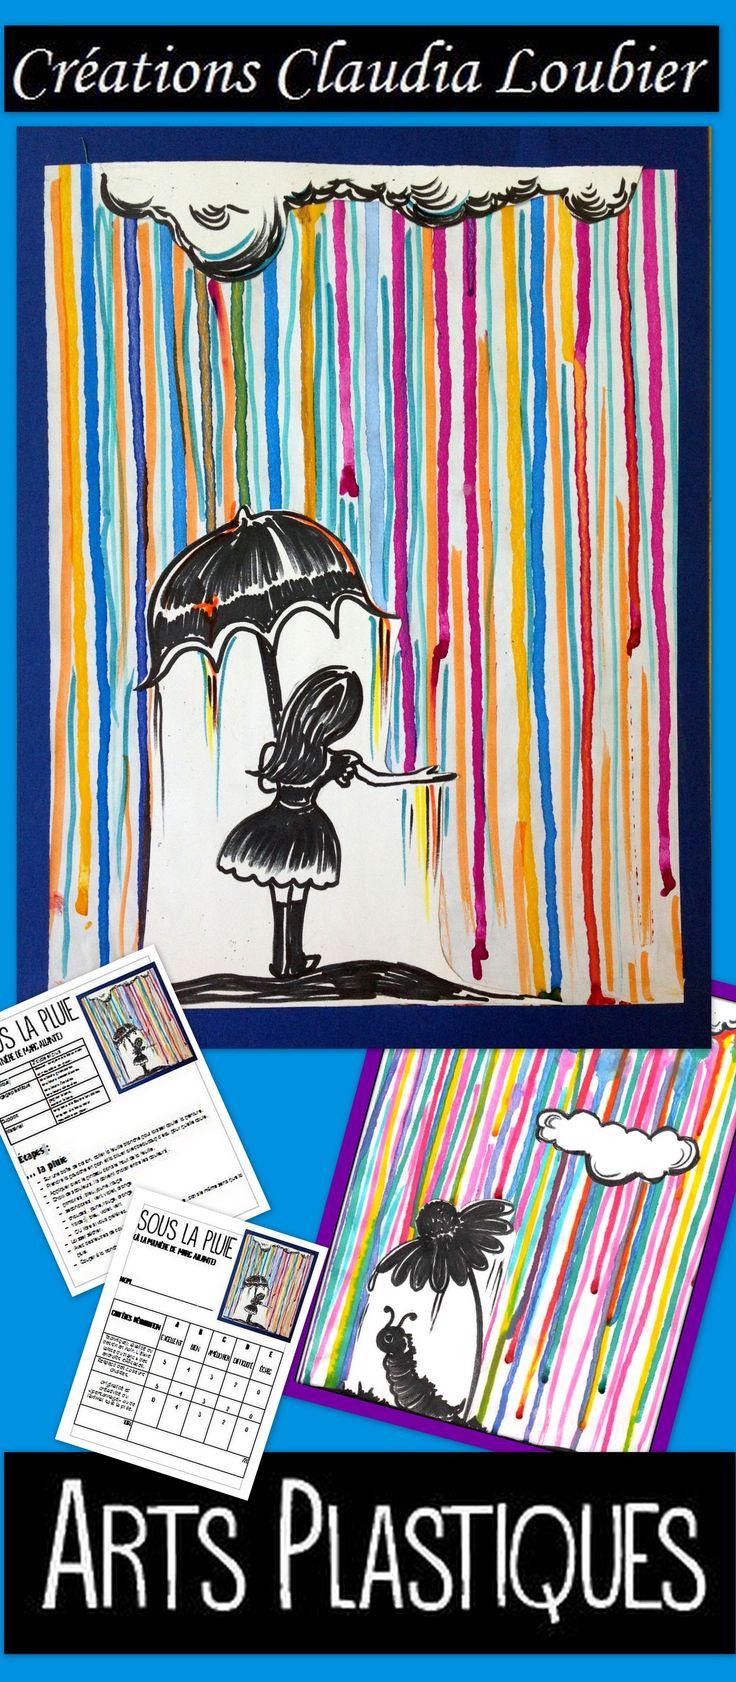 Projet d'arts plastiques pour tous les niveaux du primaire et du secondaire. Révision des catégories de couleurs. Vous aurez besoin de gouache en pain (pastilles) et de carton blanc. Feutres et crayons de bois. Dessins inclus pour varier le thème. Grille d'évaluation incluse.